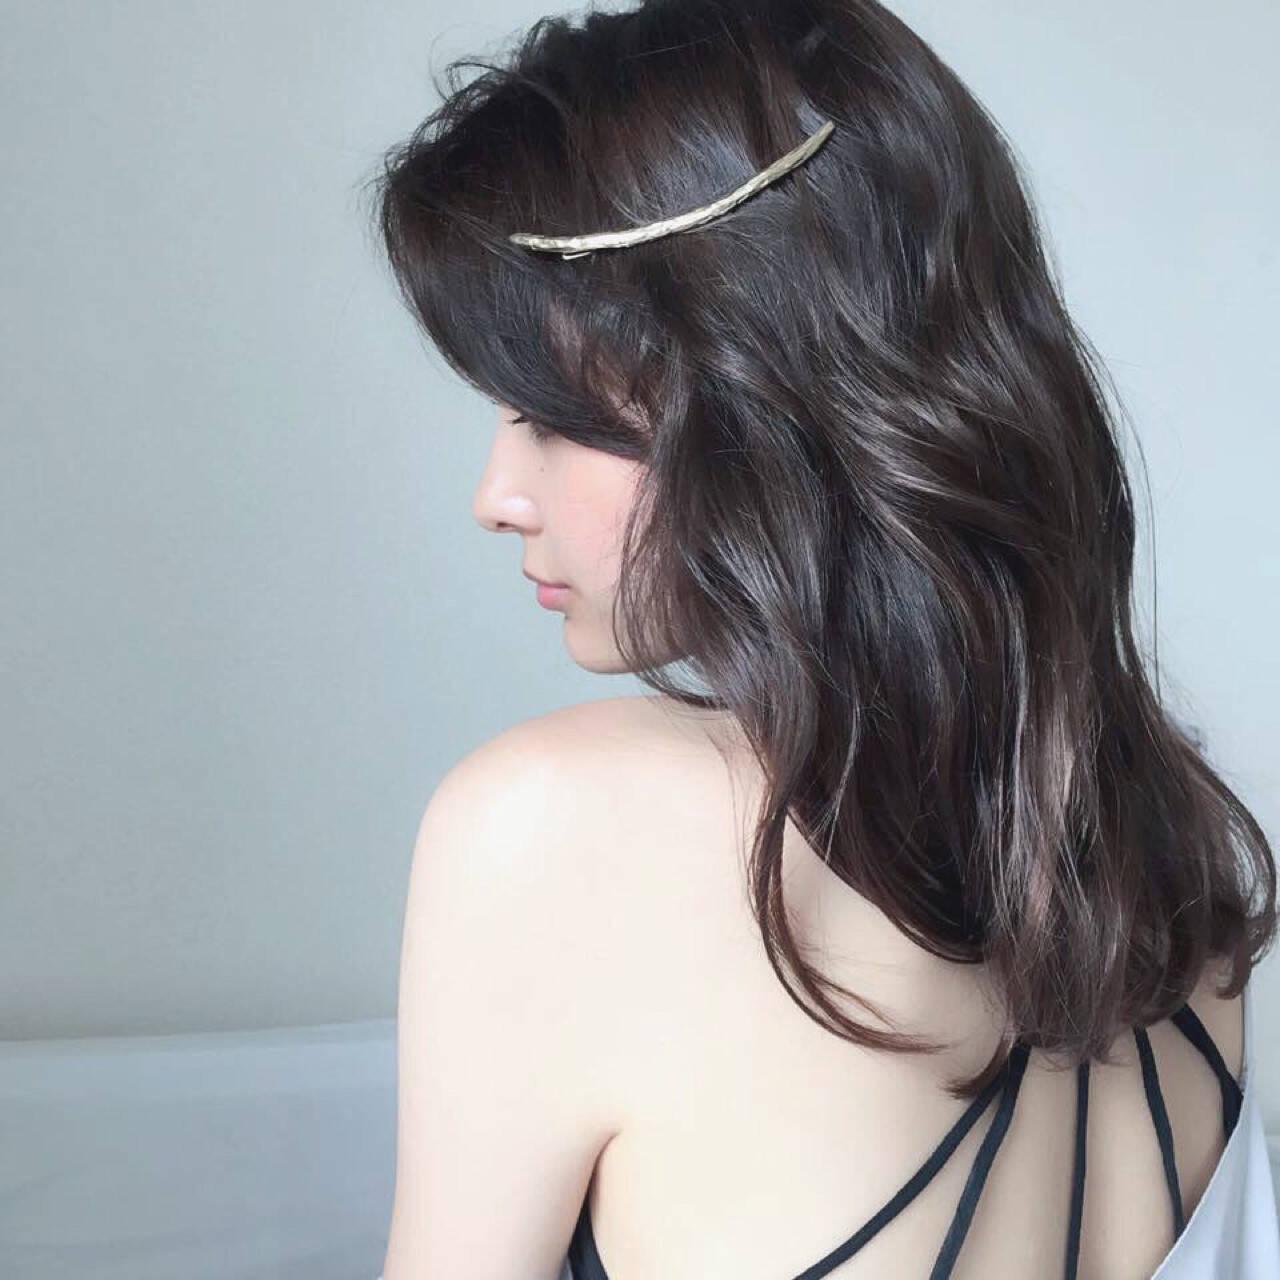 アッシュ 大人かわいい フェミニン 暗髪ヘアスタイルや髪型の写真・画像